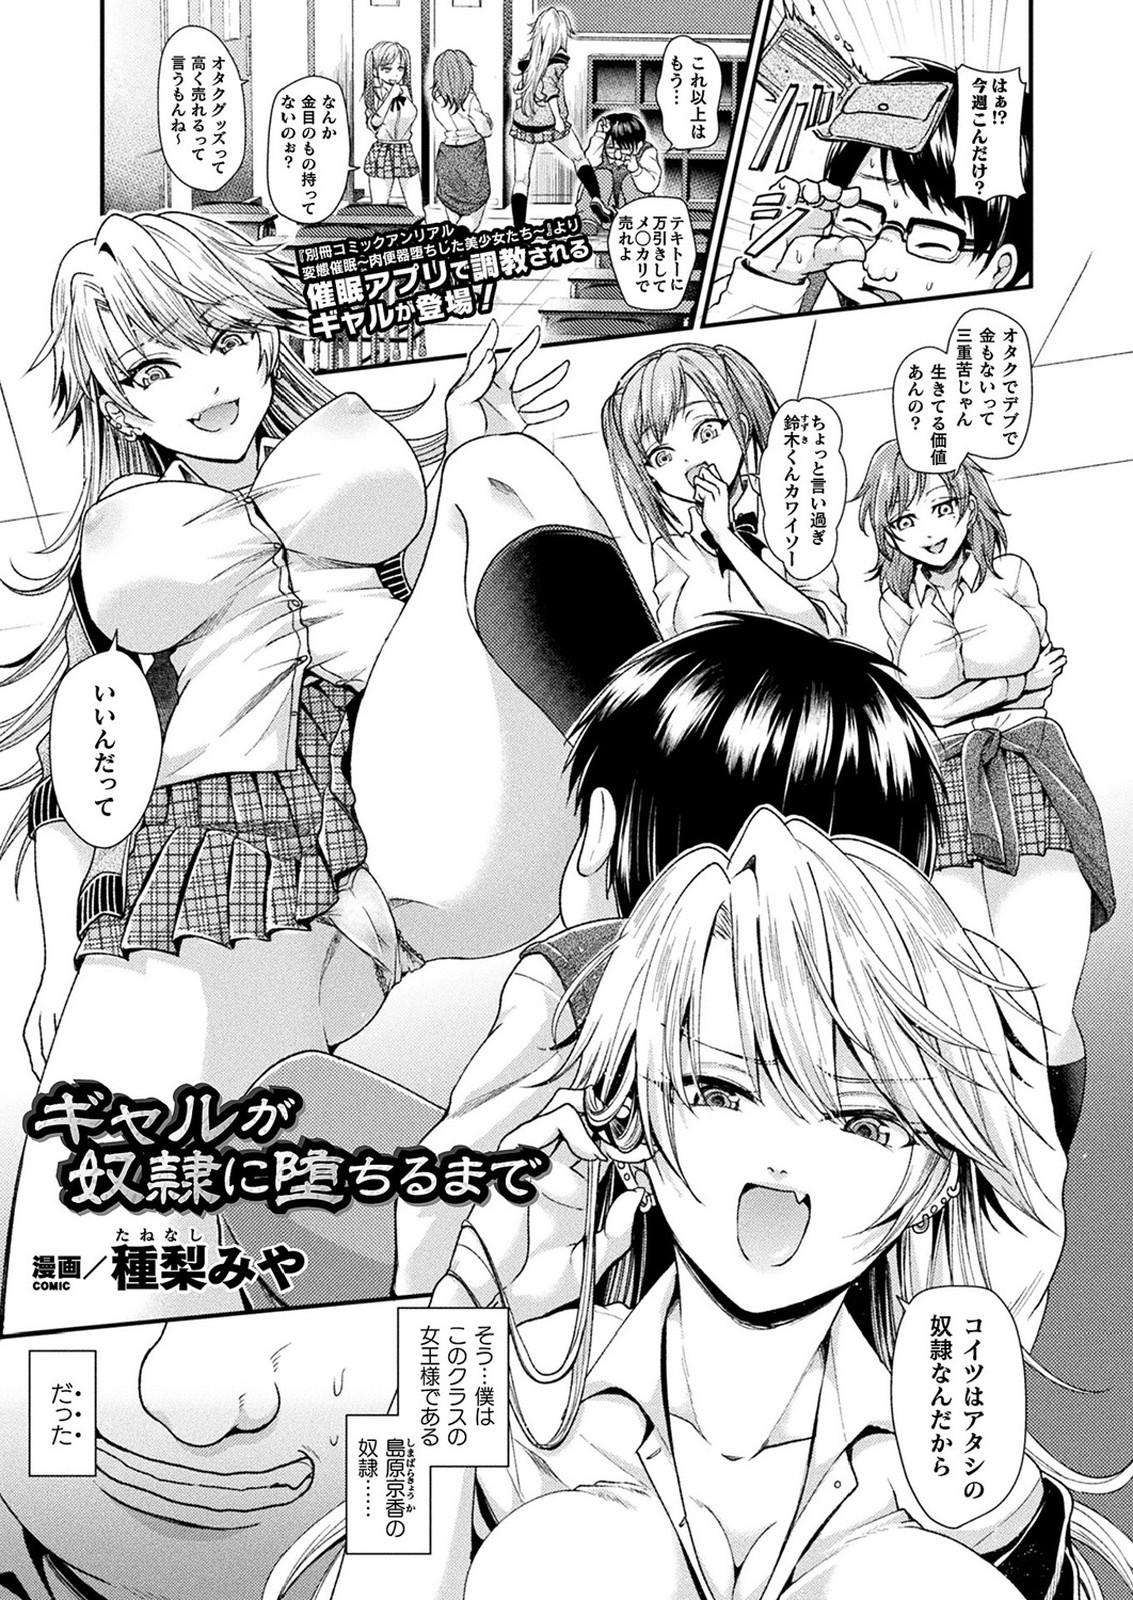 【エロ漫画】オタクを虐めるクラスの女王様なギャルJK…催眠アプリで操られクラスメイト達の前でセックスさせられ羞恥に悶えるwww【種梨みや:ギャルが奴隷に堕ちるまで】